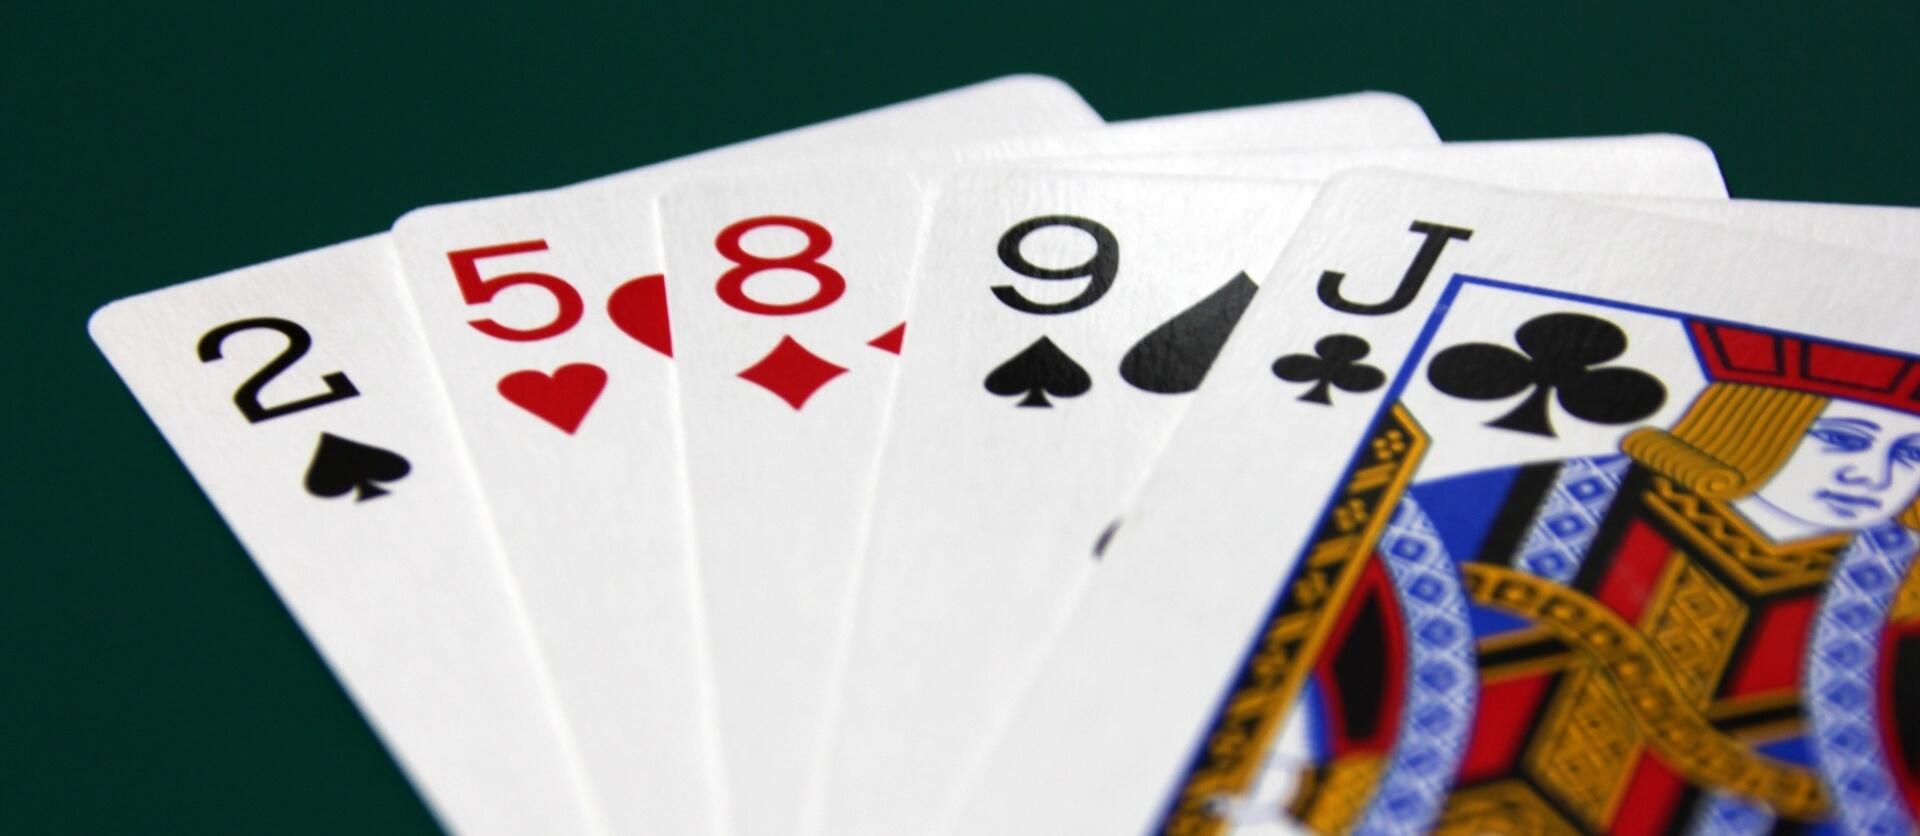 トランプのカードが並べられた画像